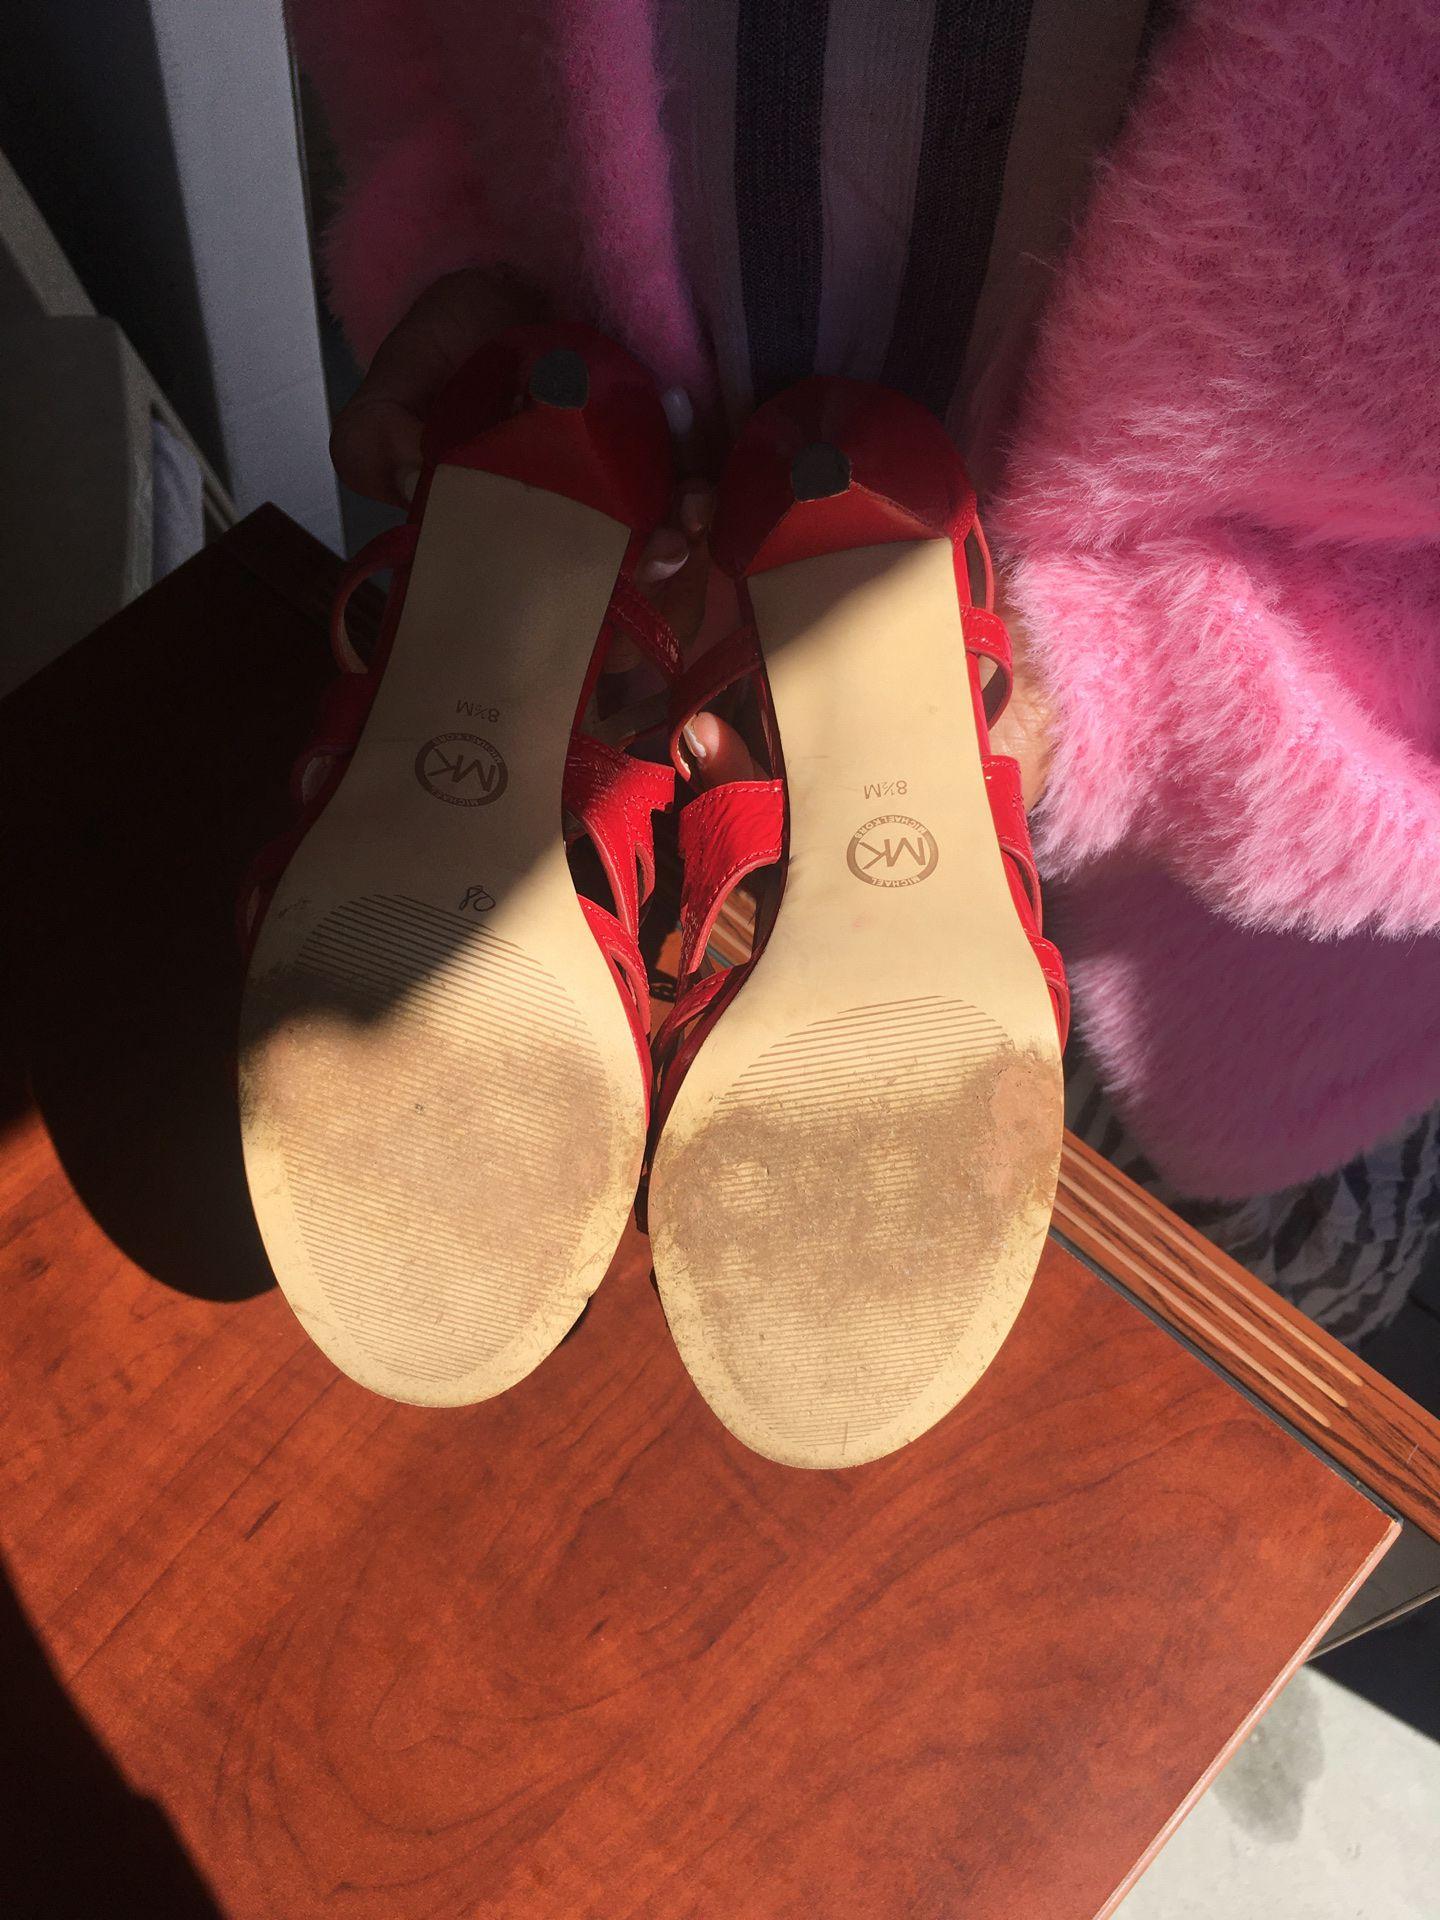 Michael Kors women's heels (8.5)